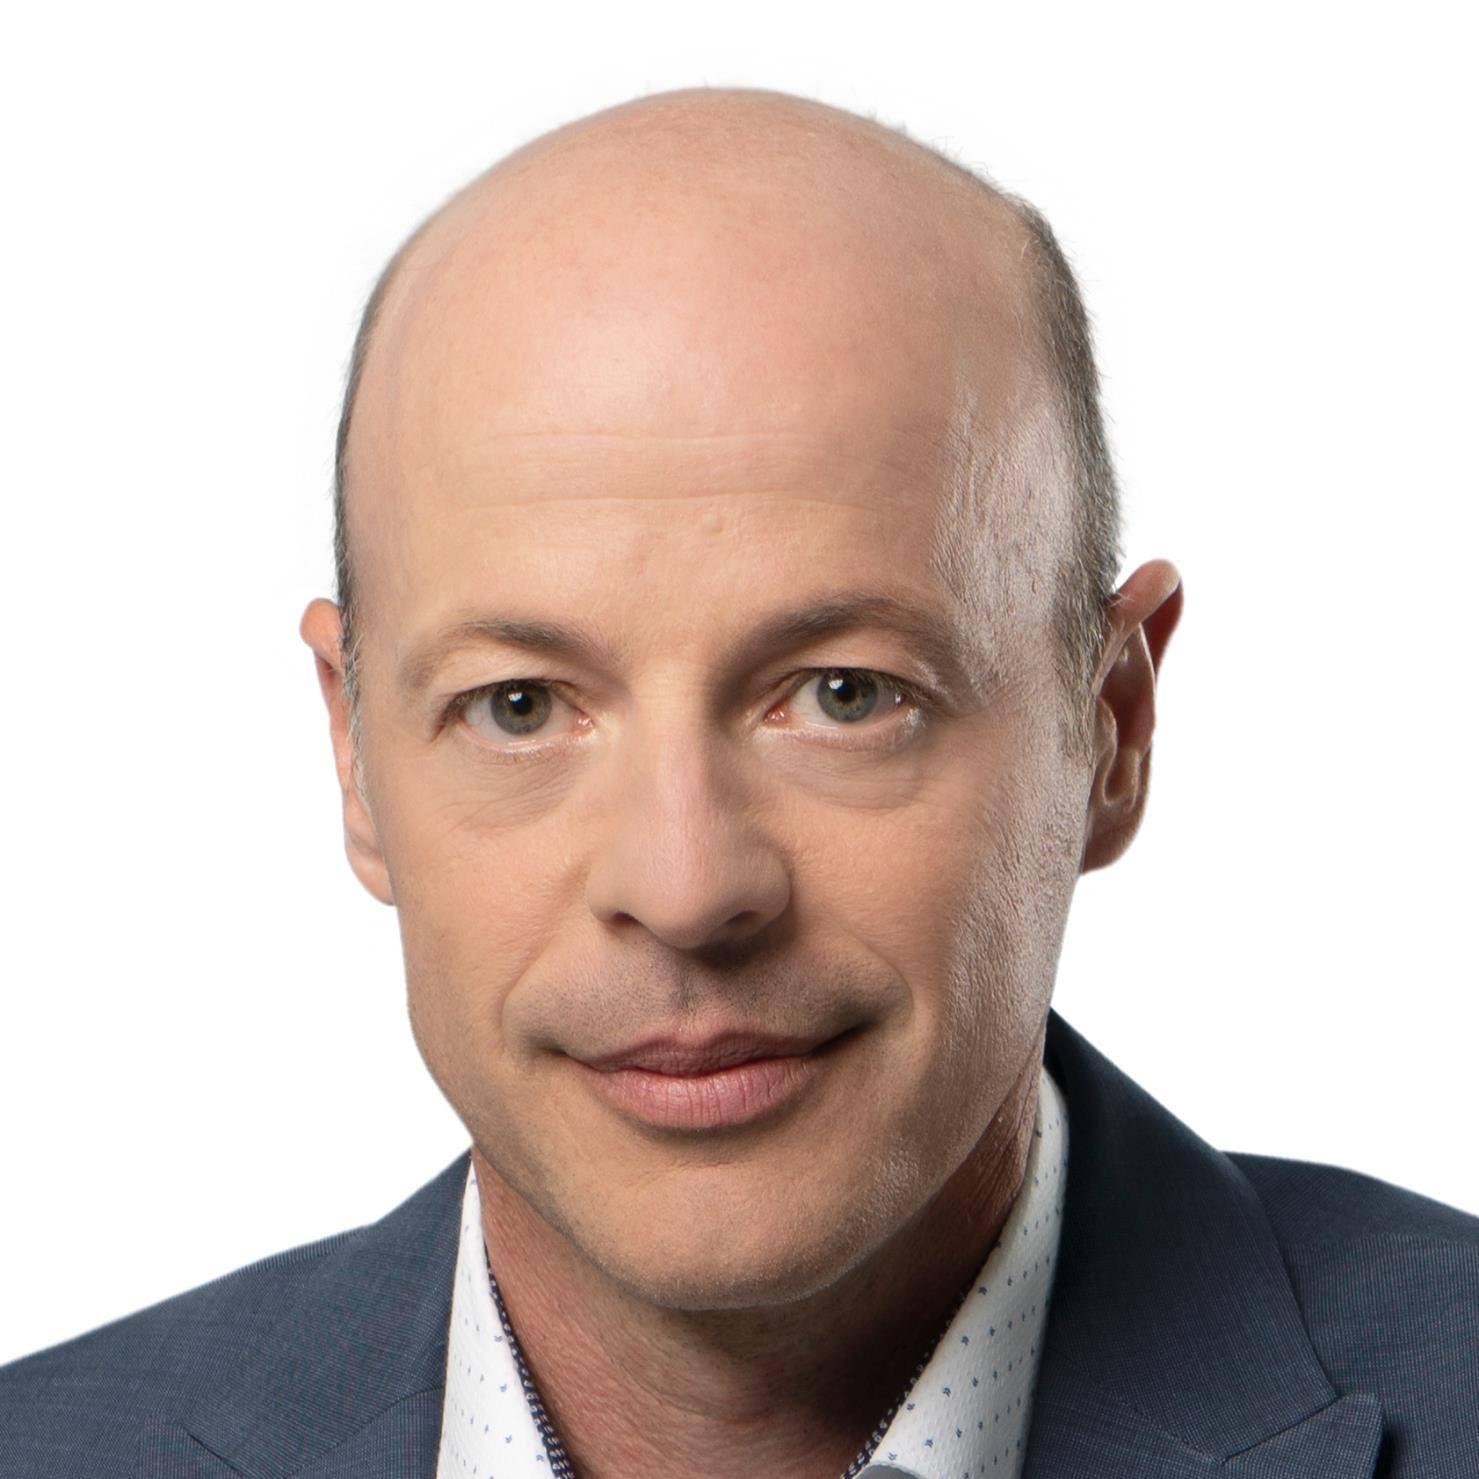 Le député des Îles-de-la-Madeleine et porte-parole du Parti Québécois en matière de santé, Joël Arseneau.